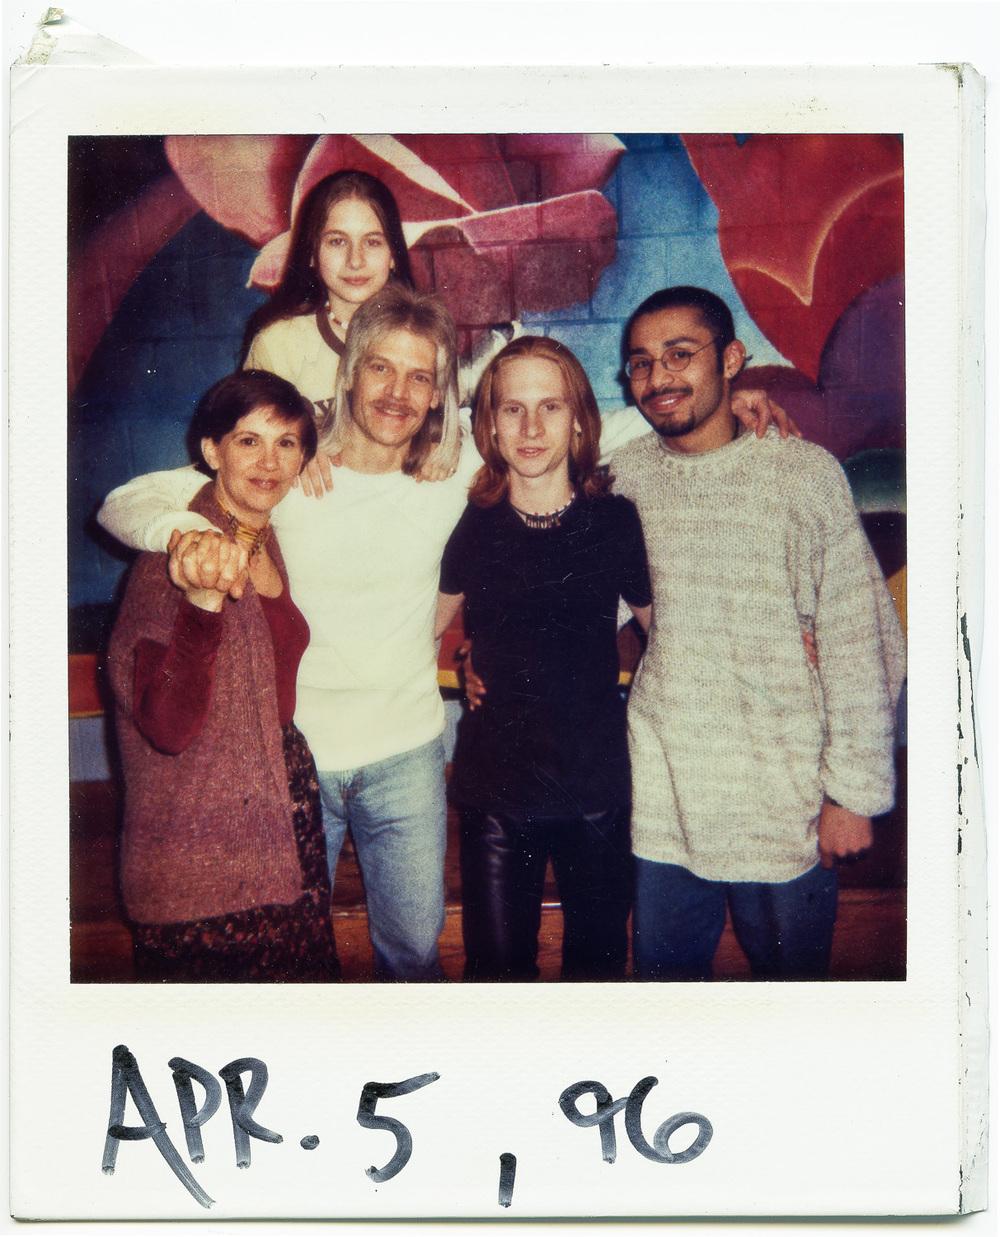 Frame 24. 1996